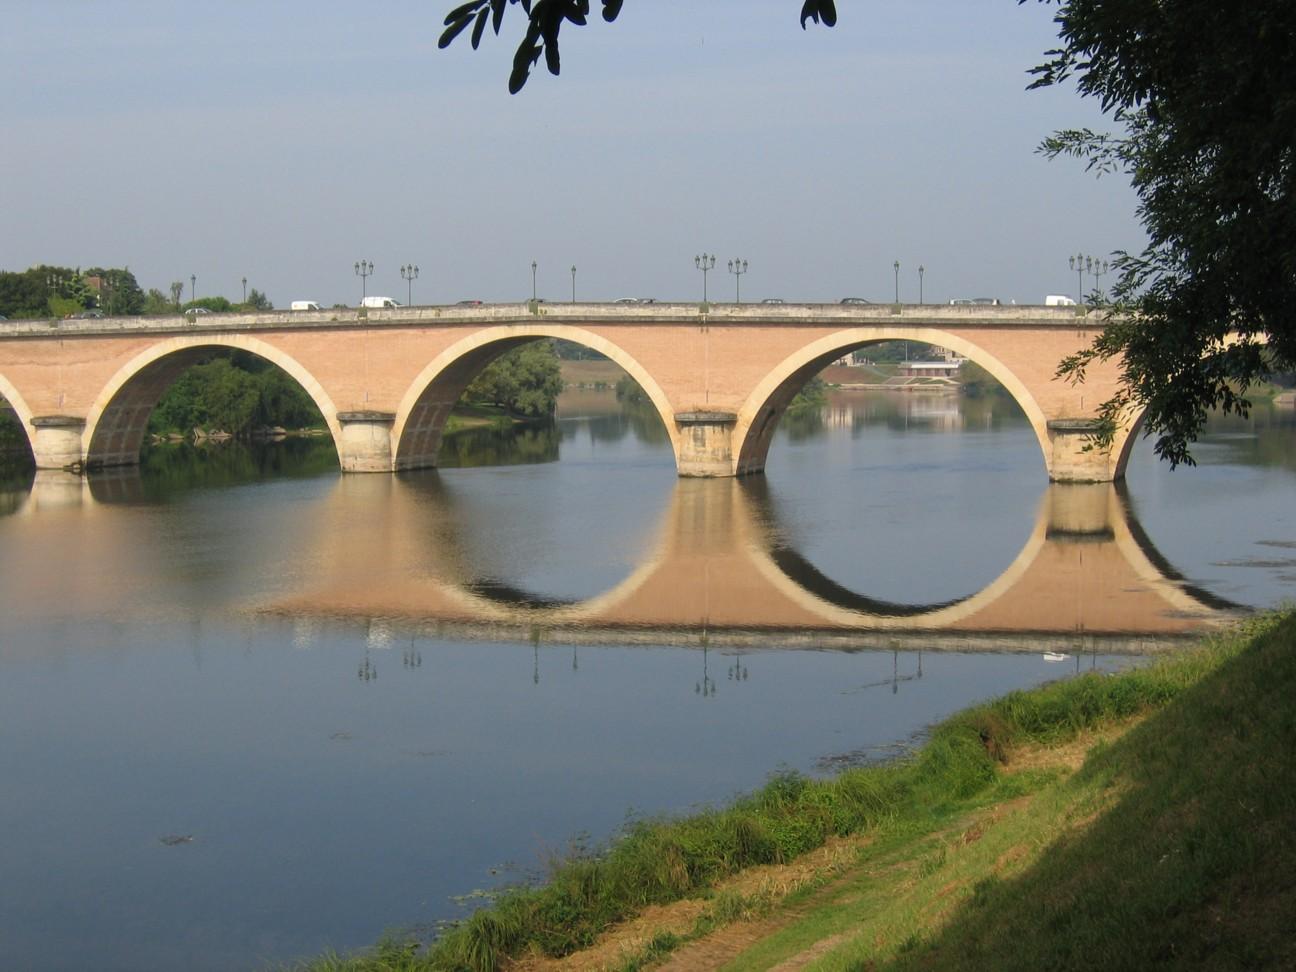 Durch das Périgord im Département Dordogne im Südwesten von Frankreich in der Nähe von Bordeaux fließt der Fluss Dordogne.